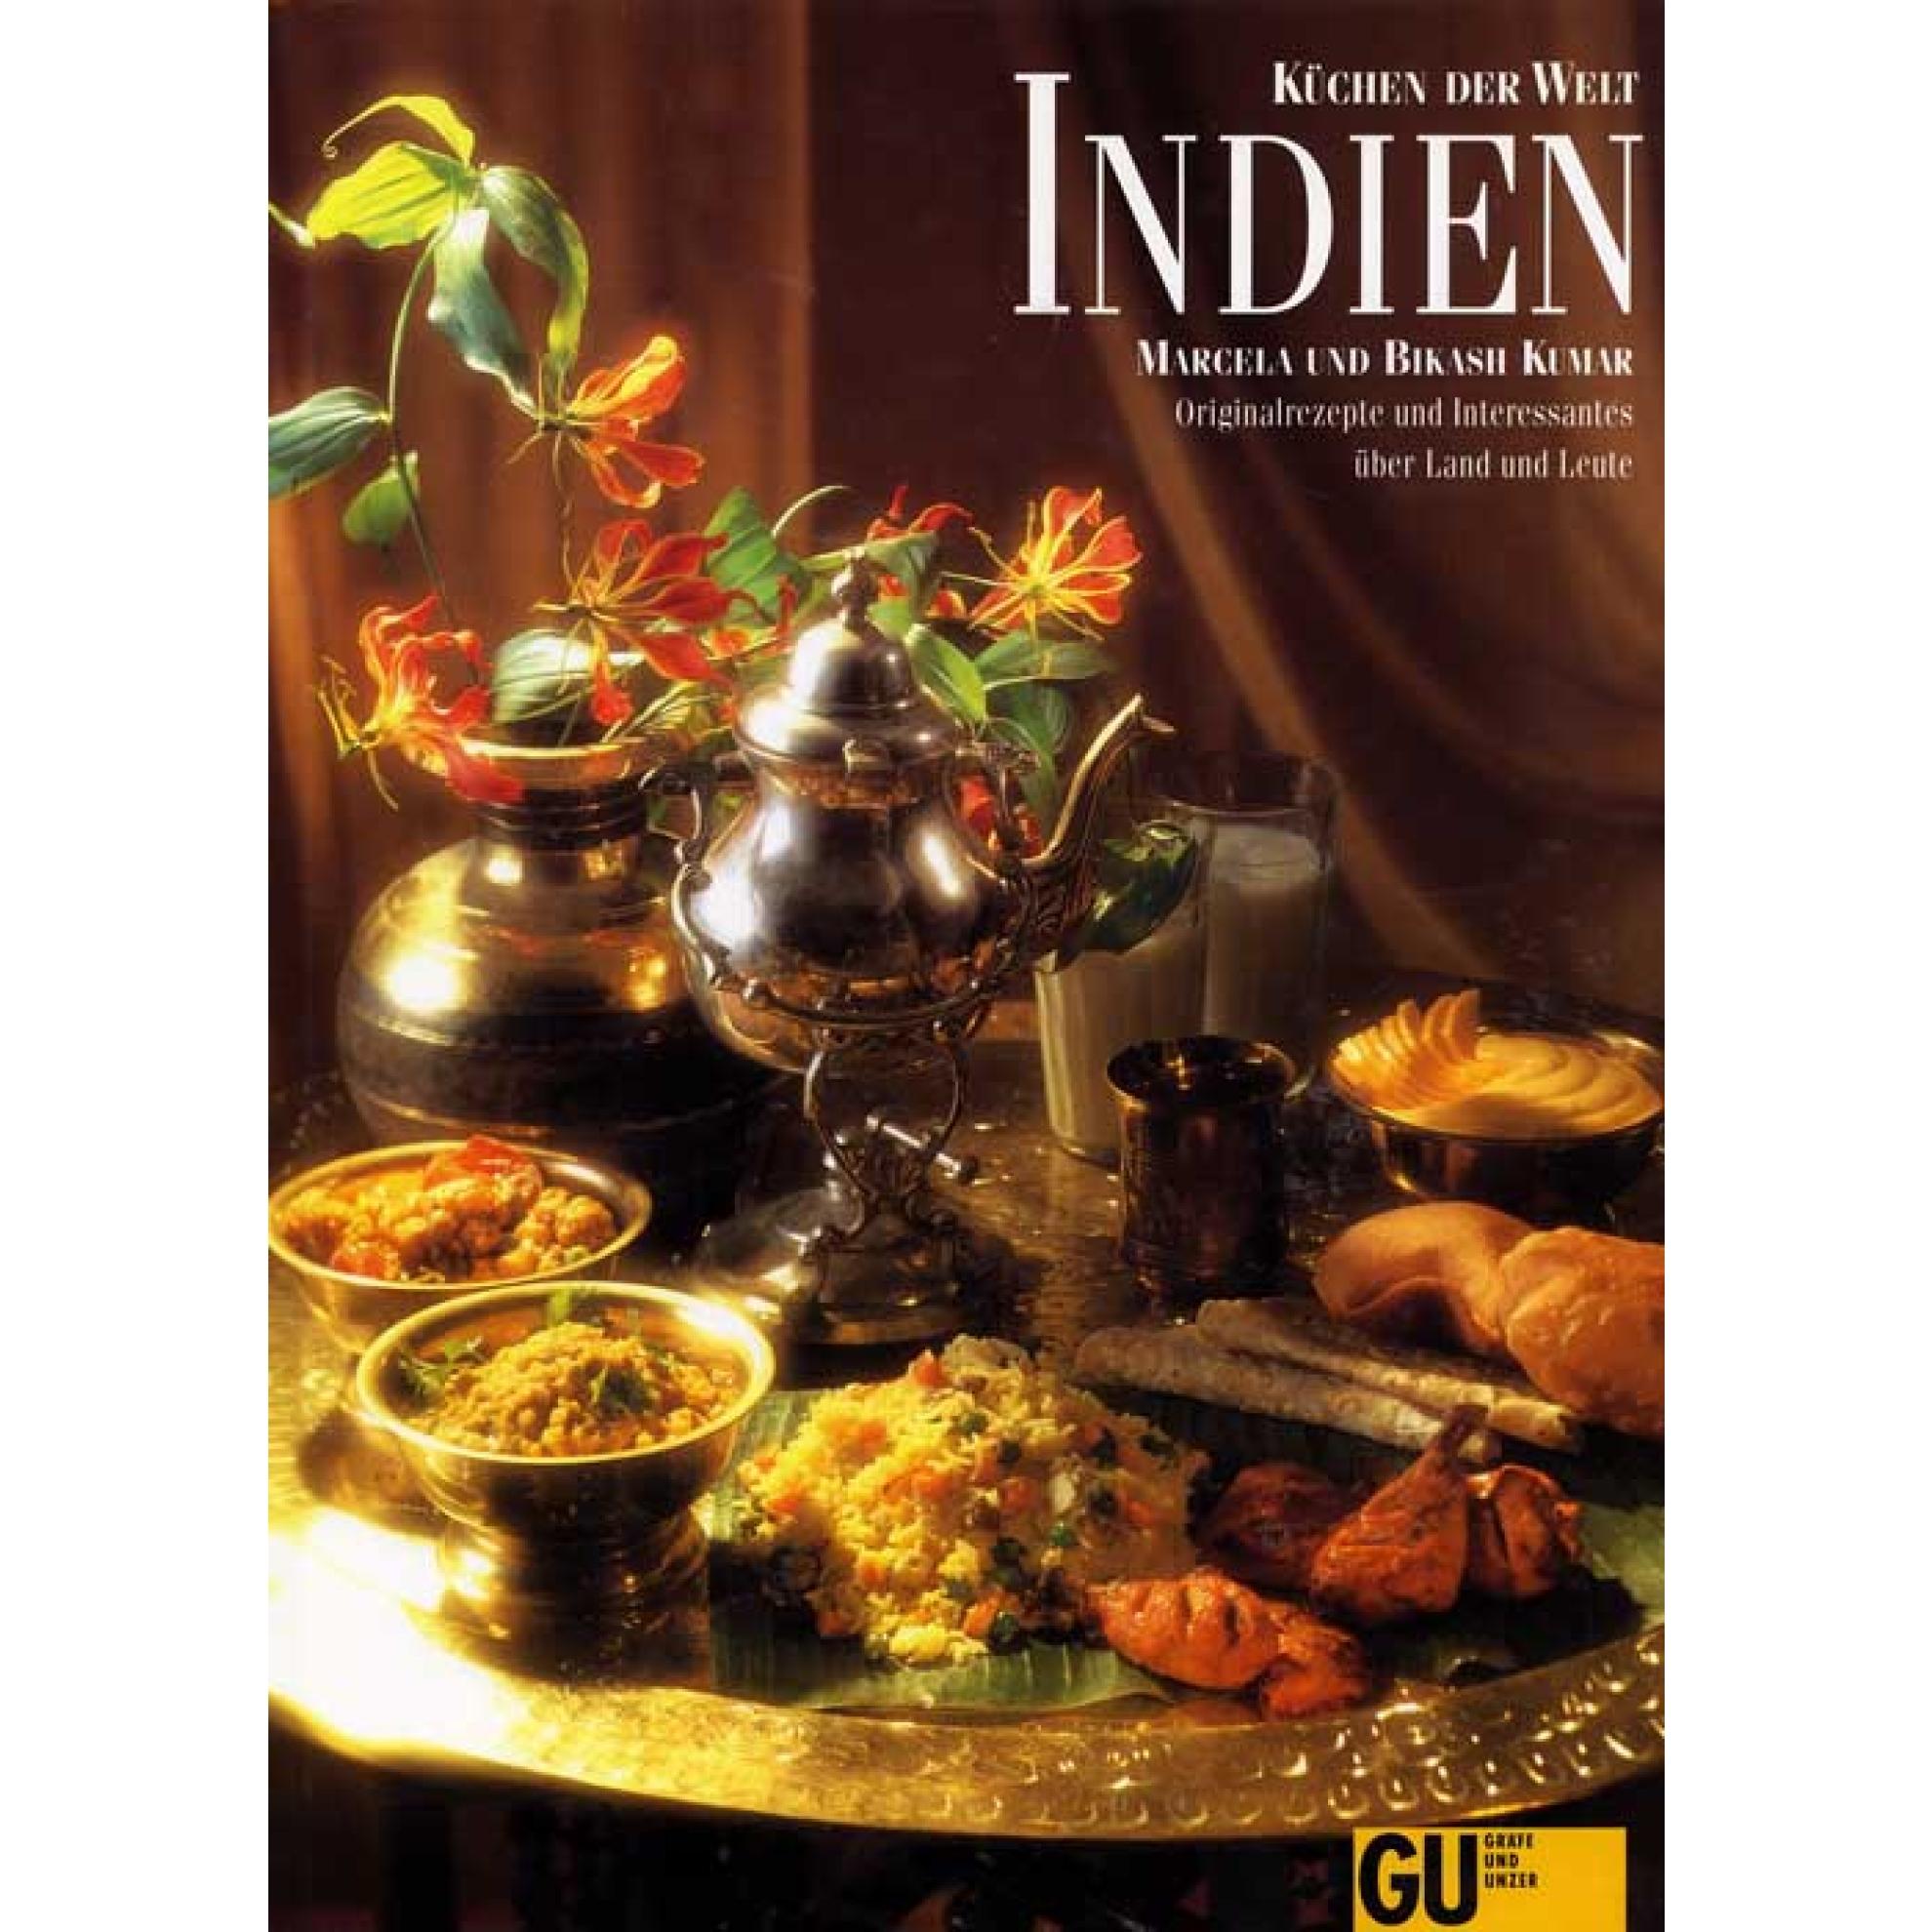 Küchen der Welt - Indien (Rezepte und Interessantes) Gebundene Ausgabe